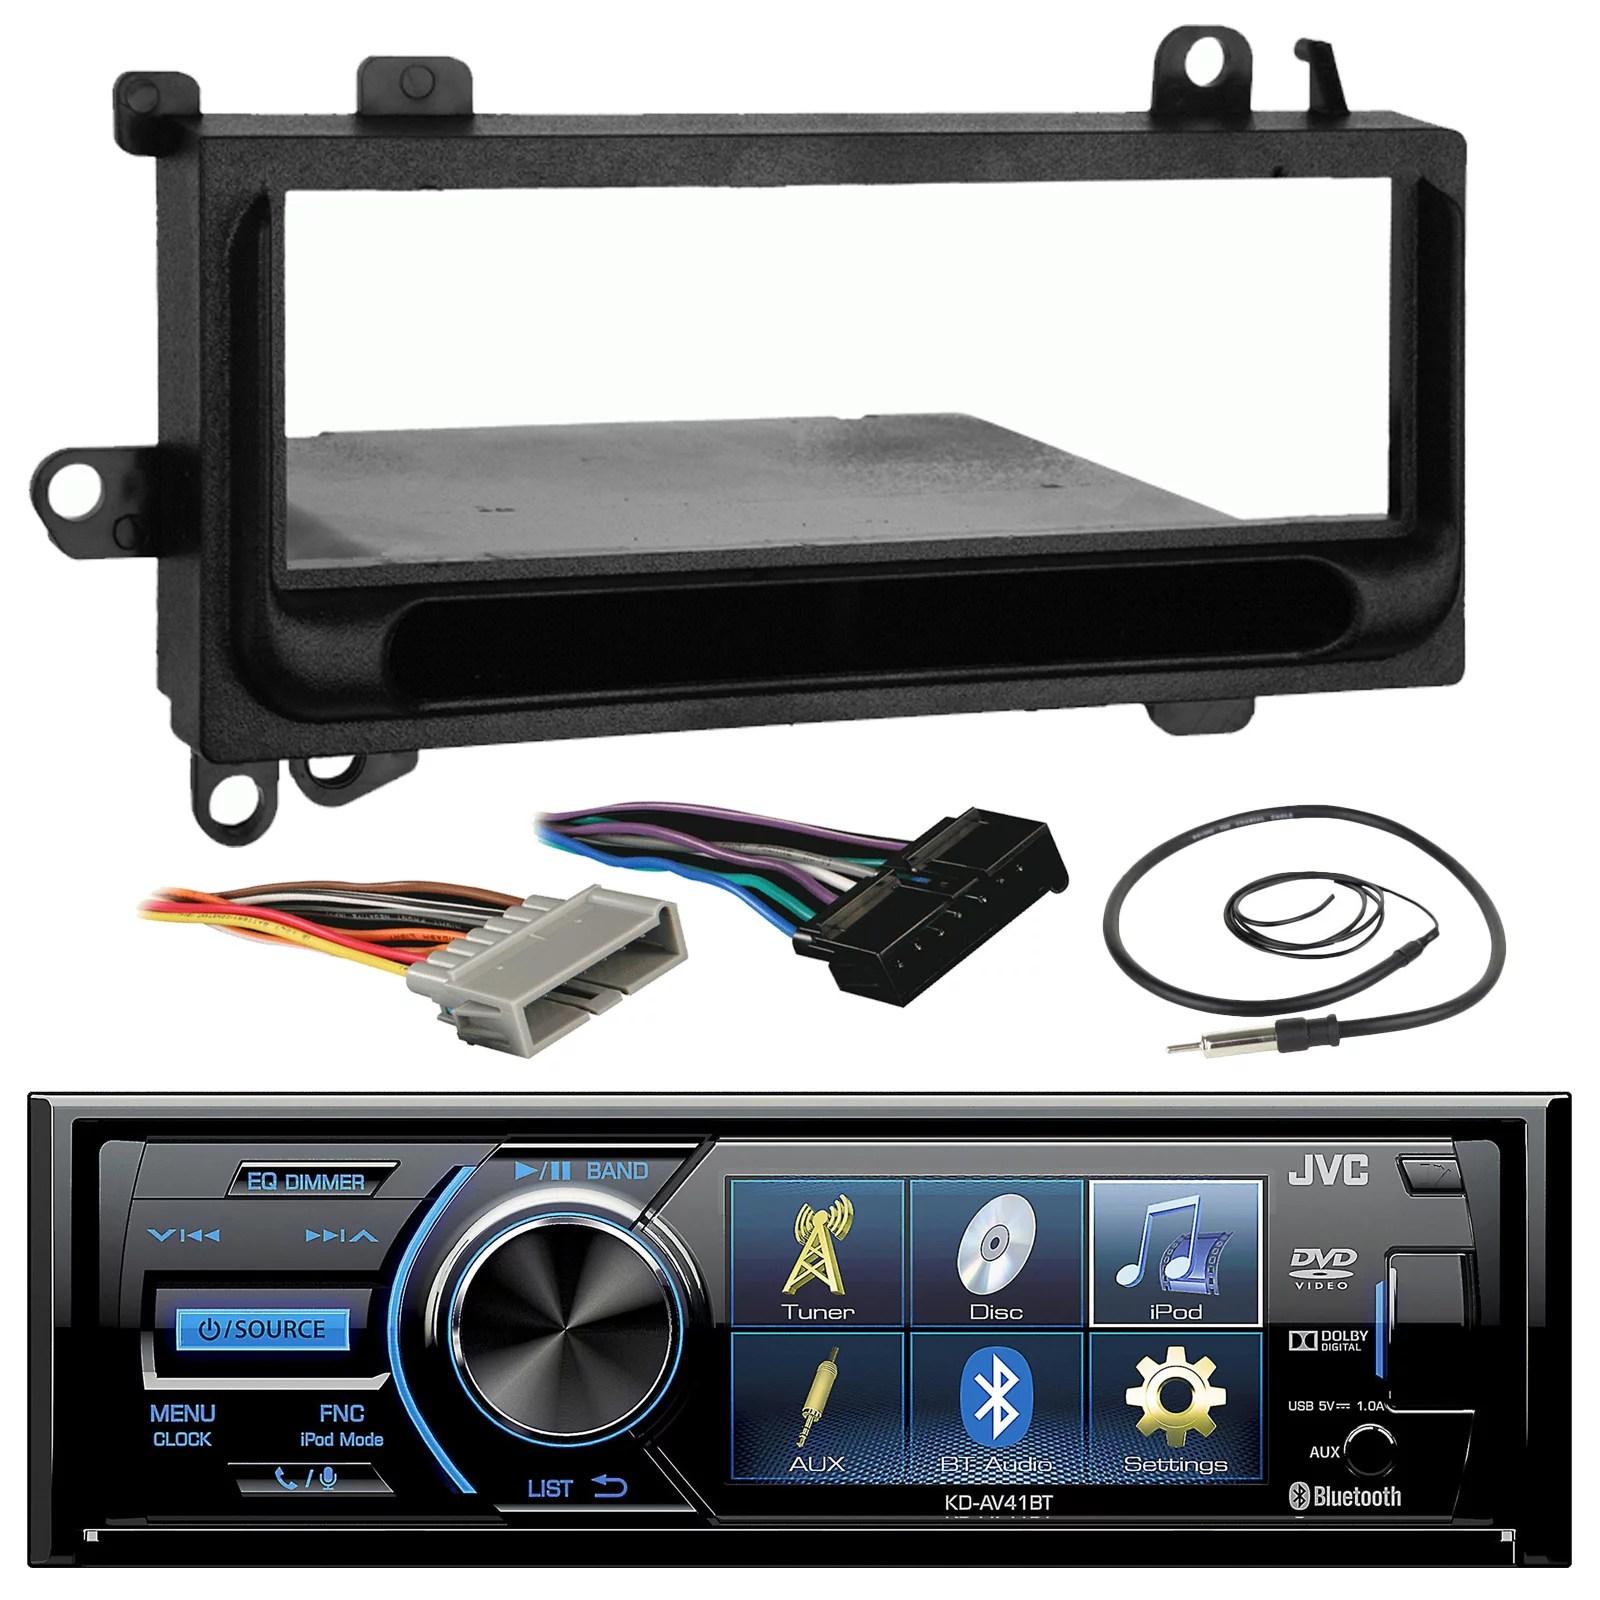 small resolution of jvc kd av41bt 3 inch bluetooth in dash cd car stereo audio receiverjvc kd av41bt 3 inch bluetooth in dash cd car stereo audio receiver